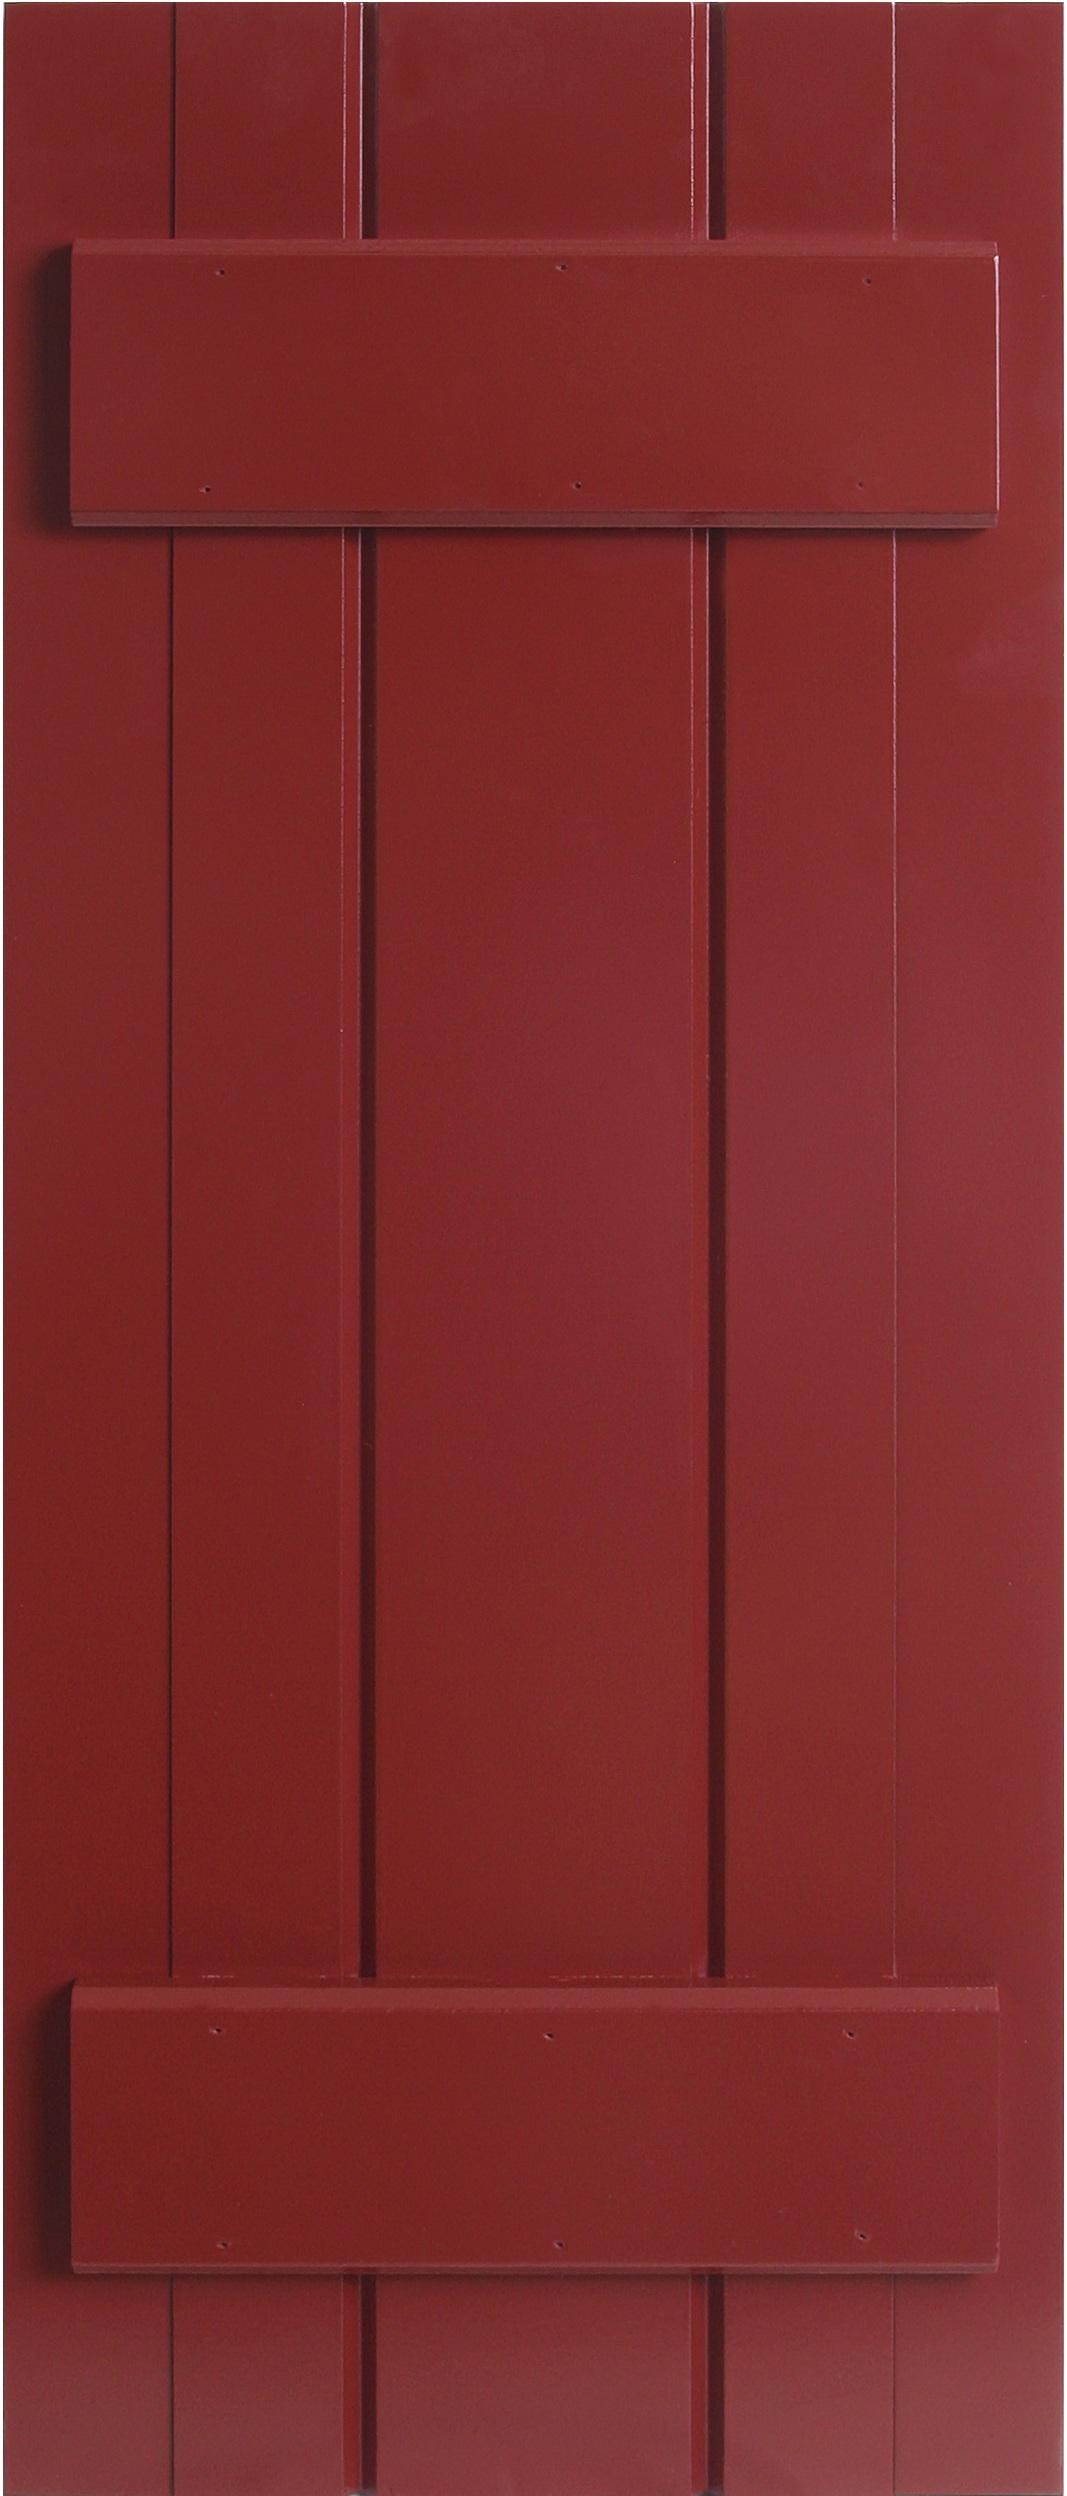 PVC Composite Shutters - Batten Style